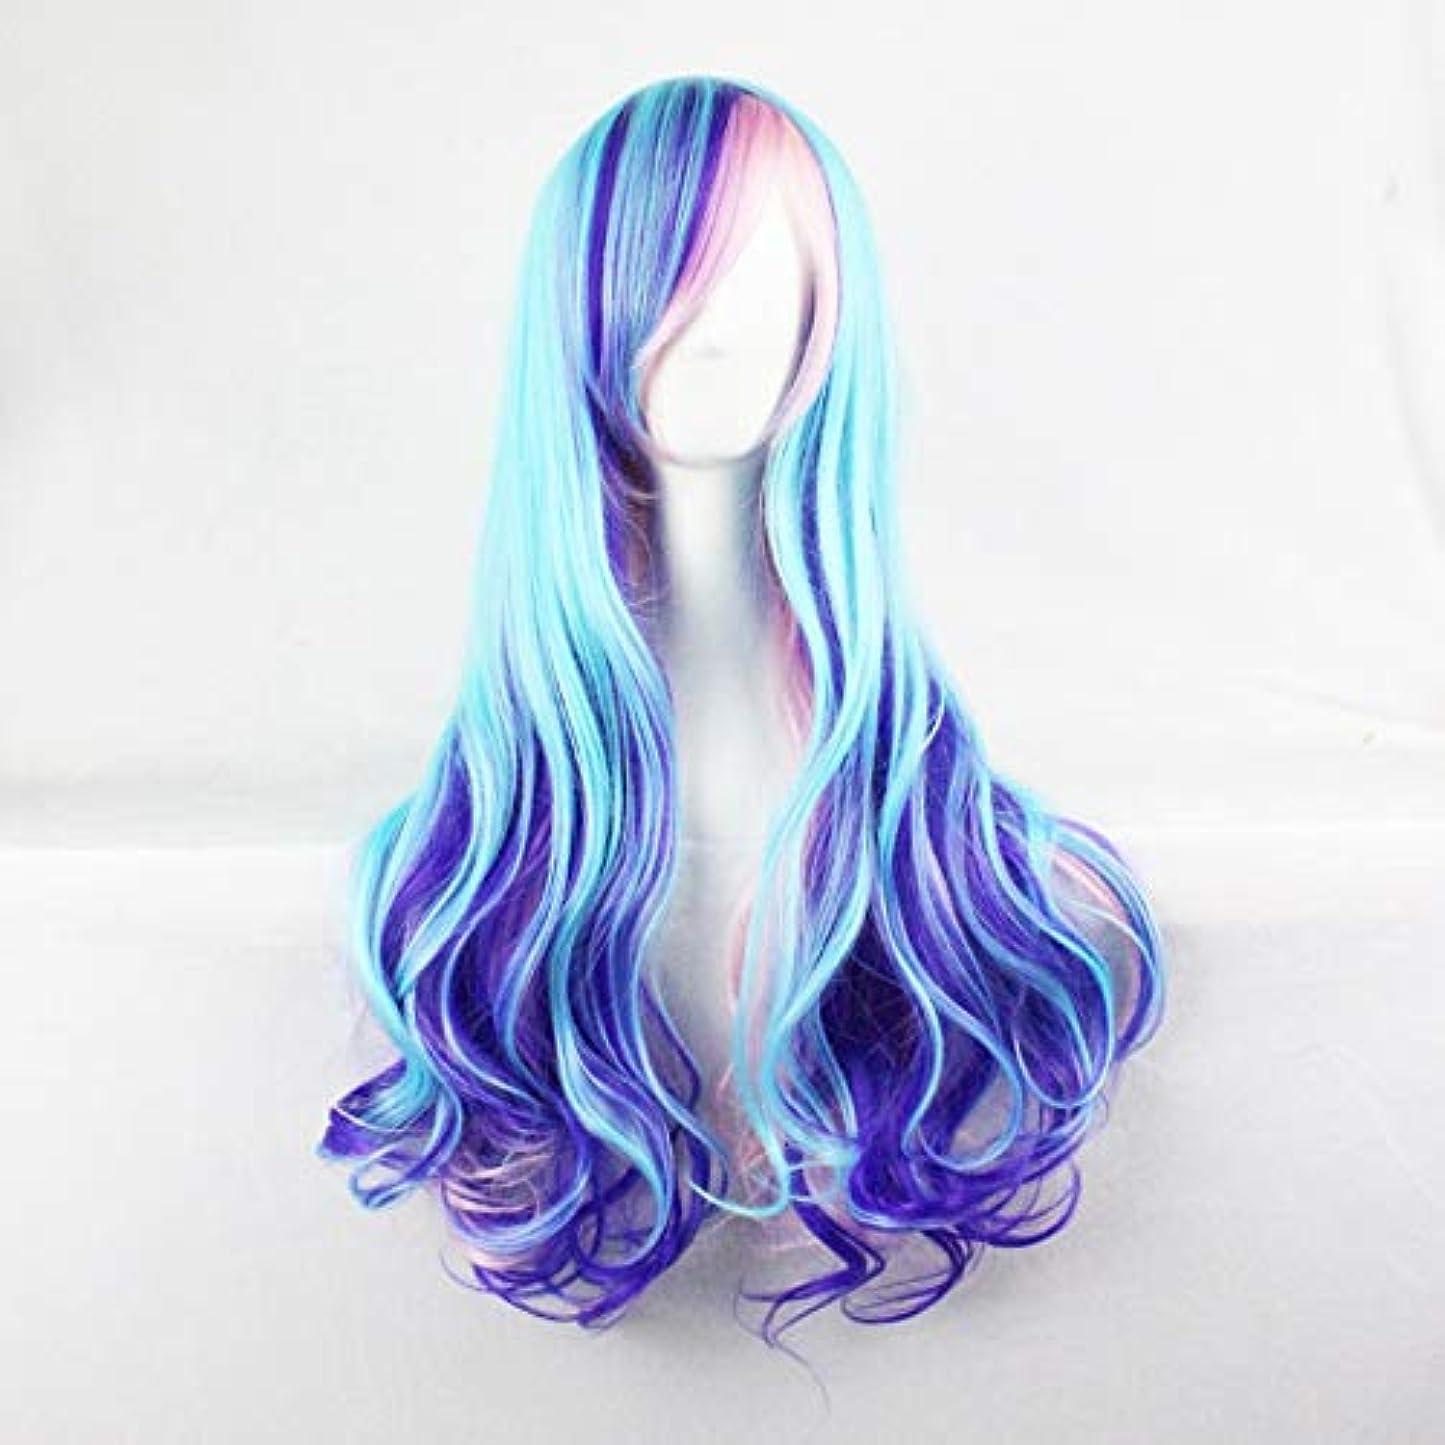 荒れ地証明十分かつらキャップでかつらファンシードレスカールかつら女性用高品質合成毛髪コスプレ高密度かつら女性&女の子ブルー、ピンク、パープル (Color : 青)